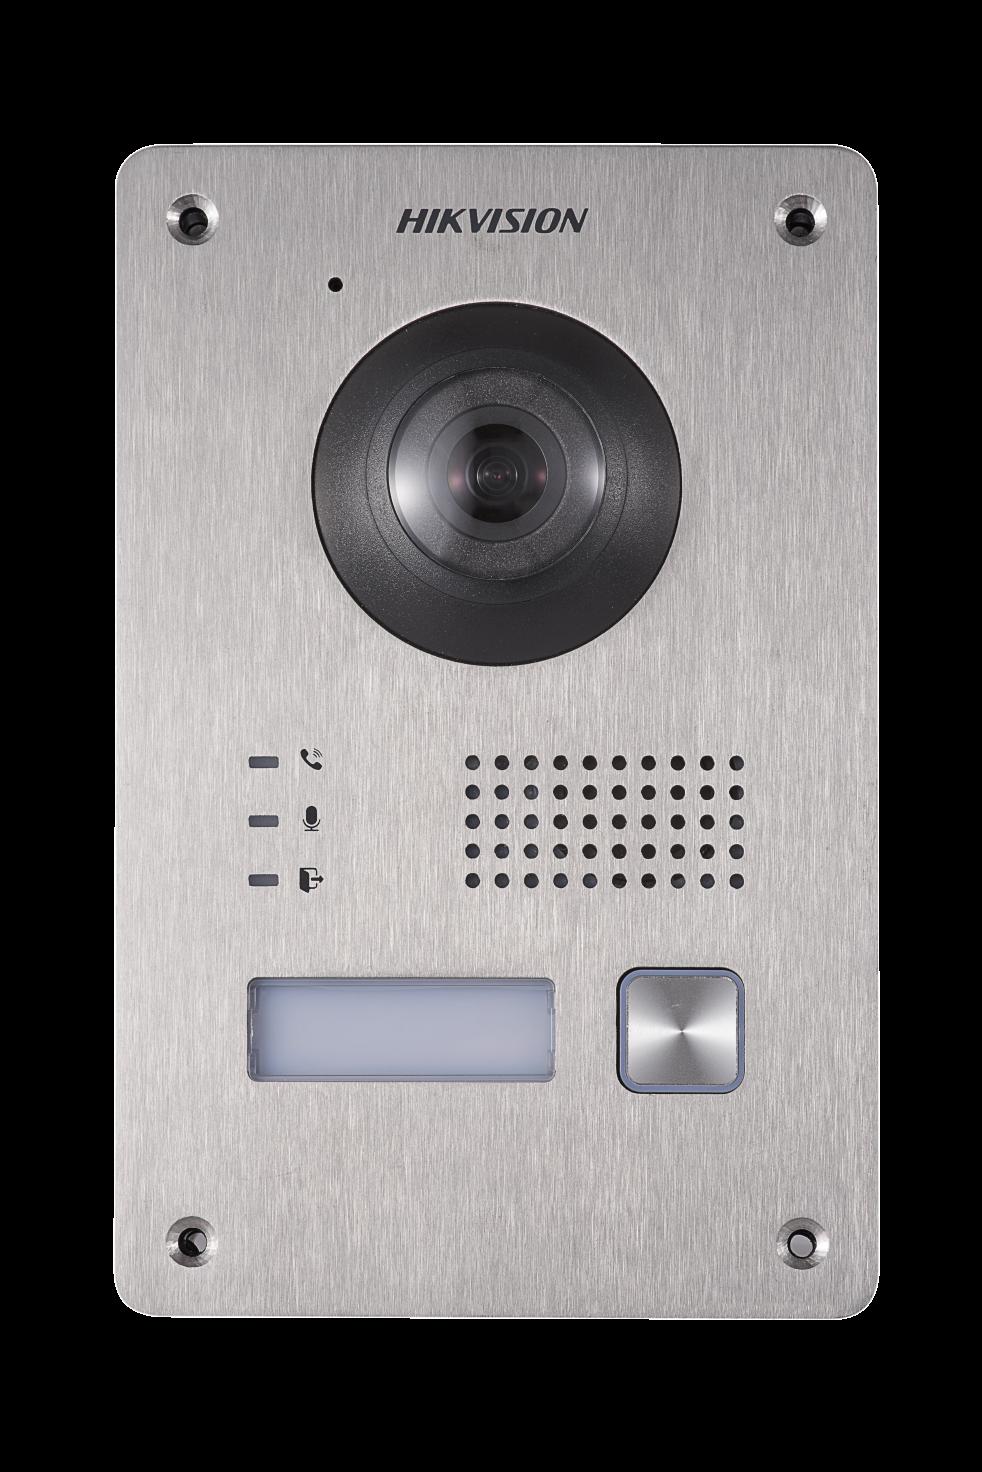 HIKVISION DS-KV8103-IME2/EU